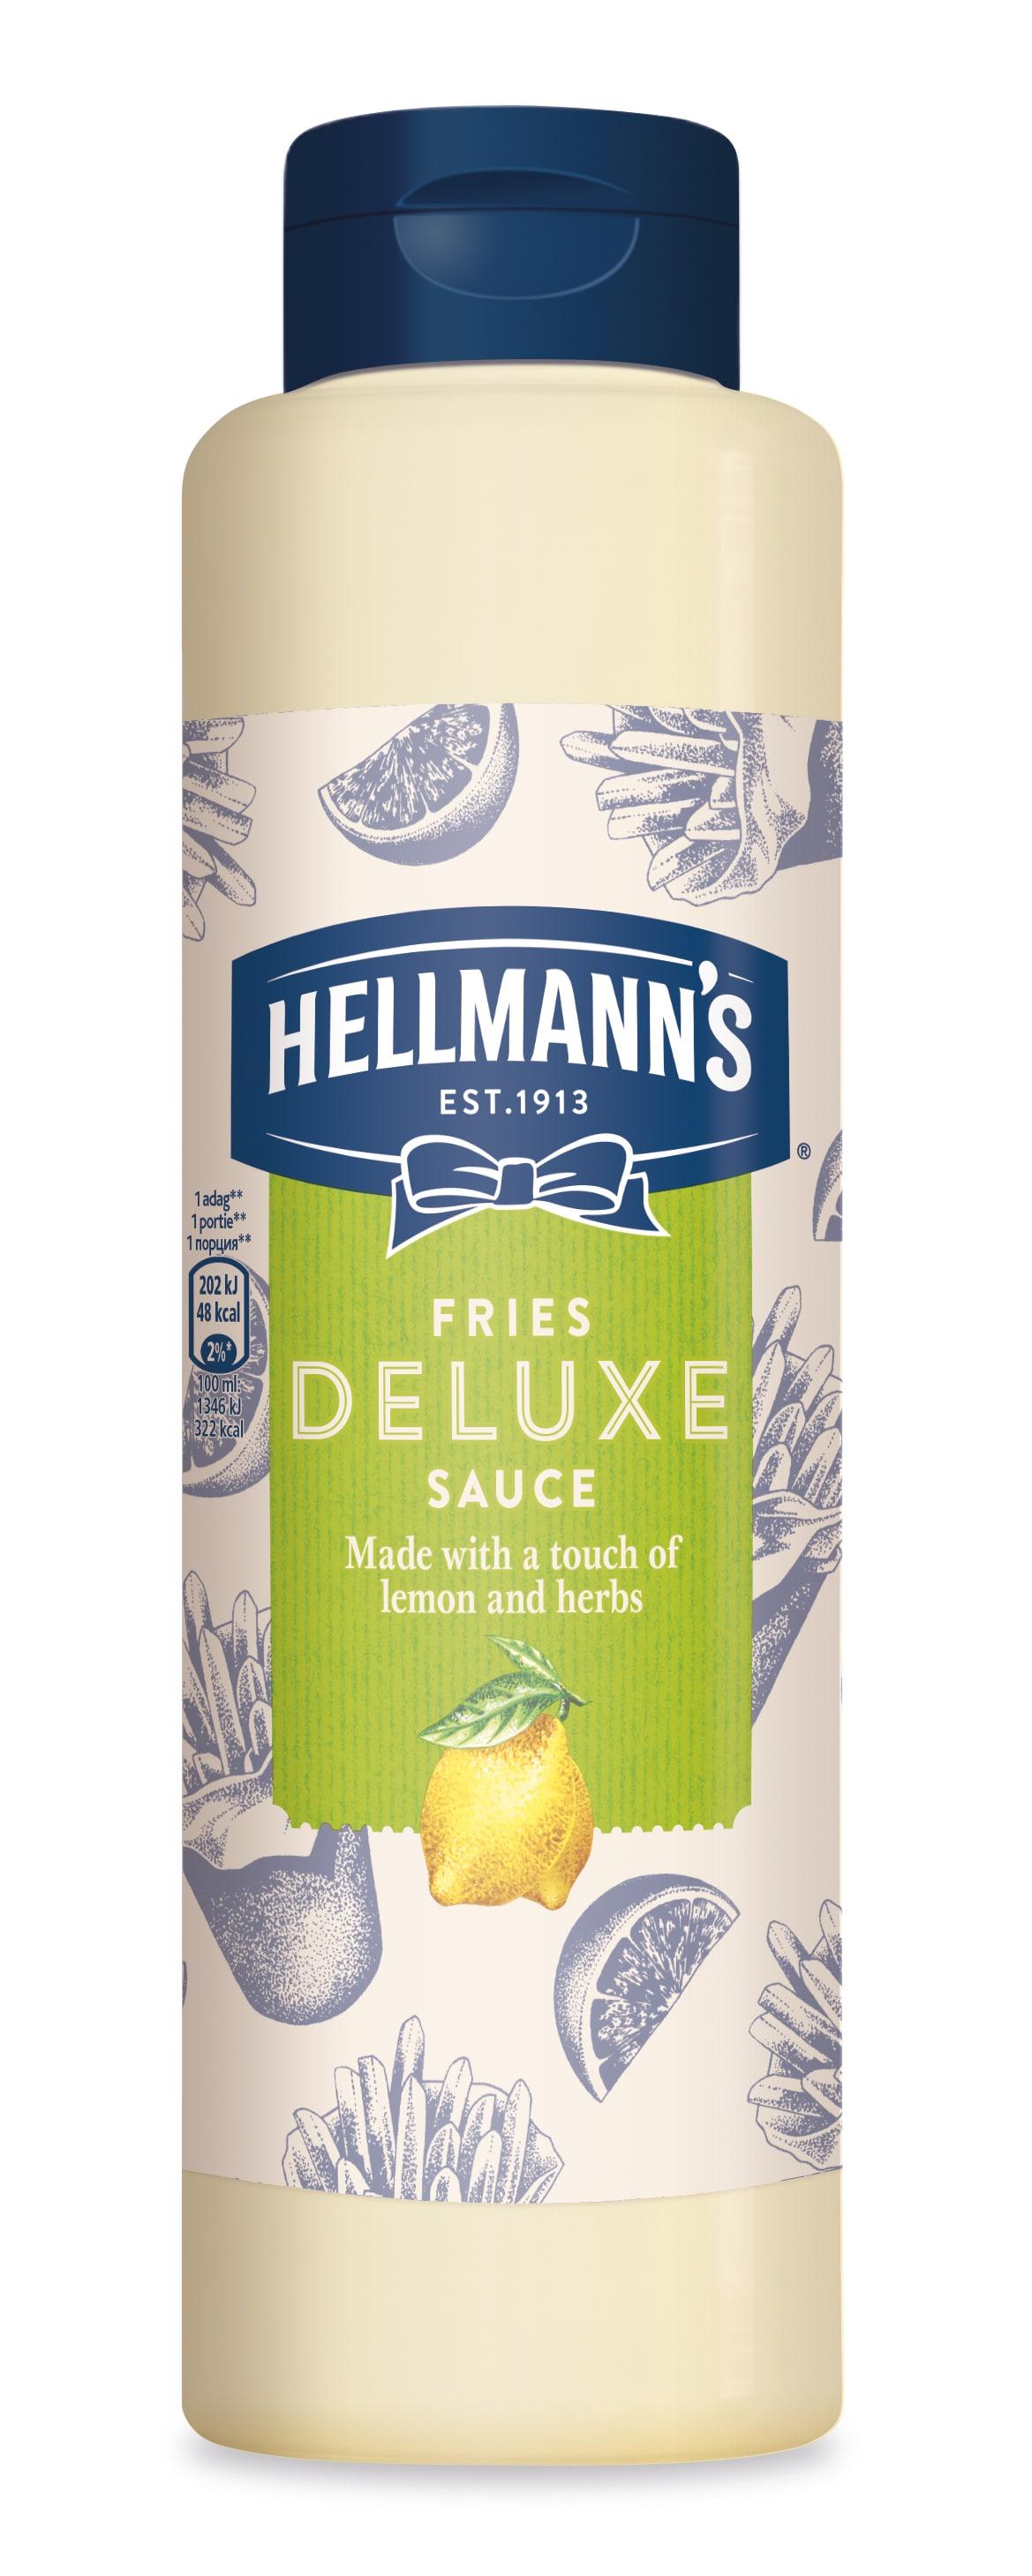 Hellmann's Fries Deluxe preliv z limono in zelišči 850 ml - Svojim gostom pokažite kakovost